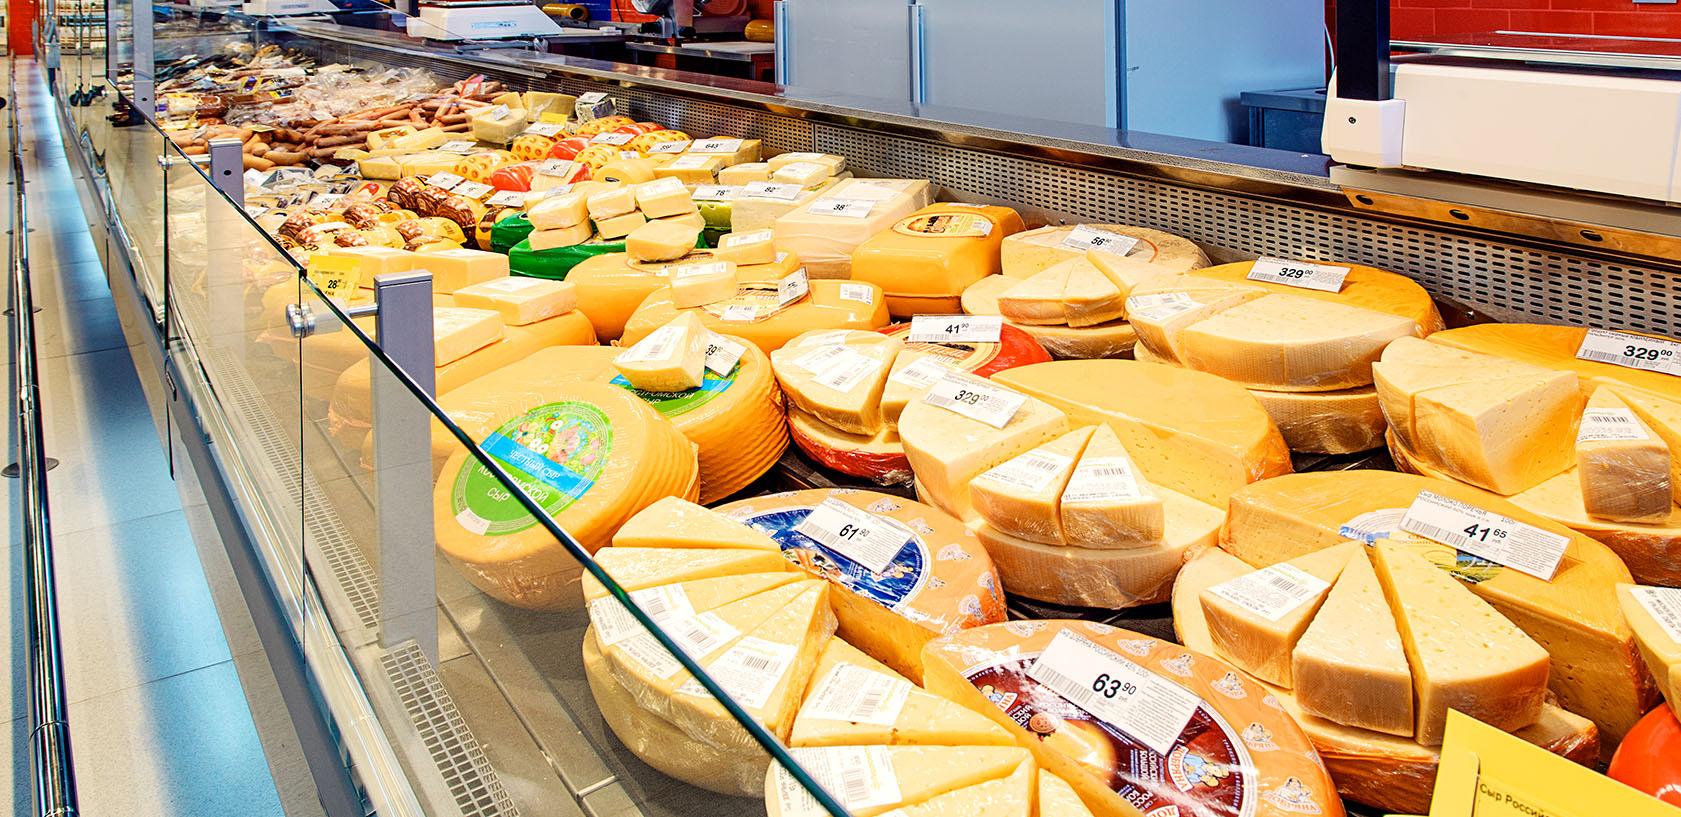 Холодильные витрины в супермаркете Зеленый перекресток Ярославль